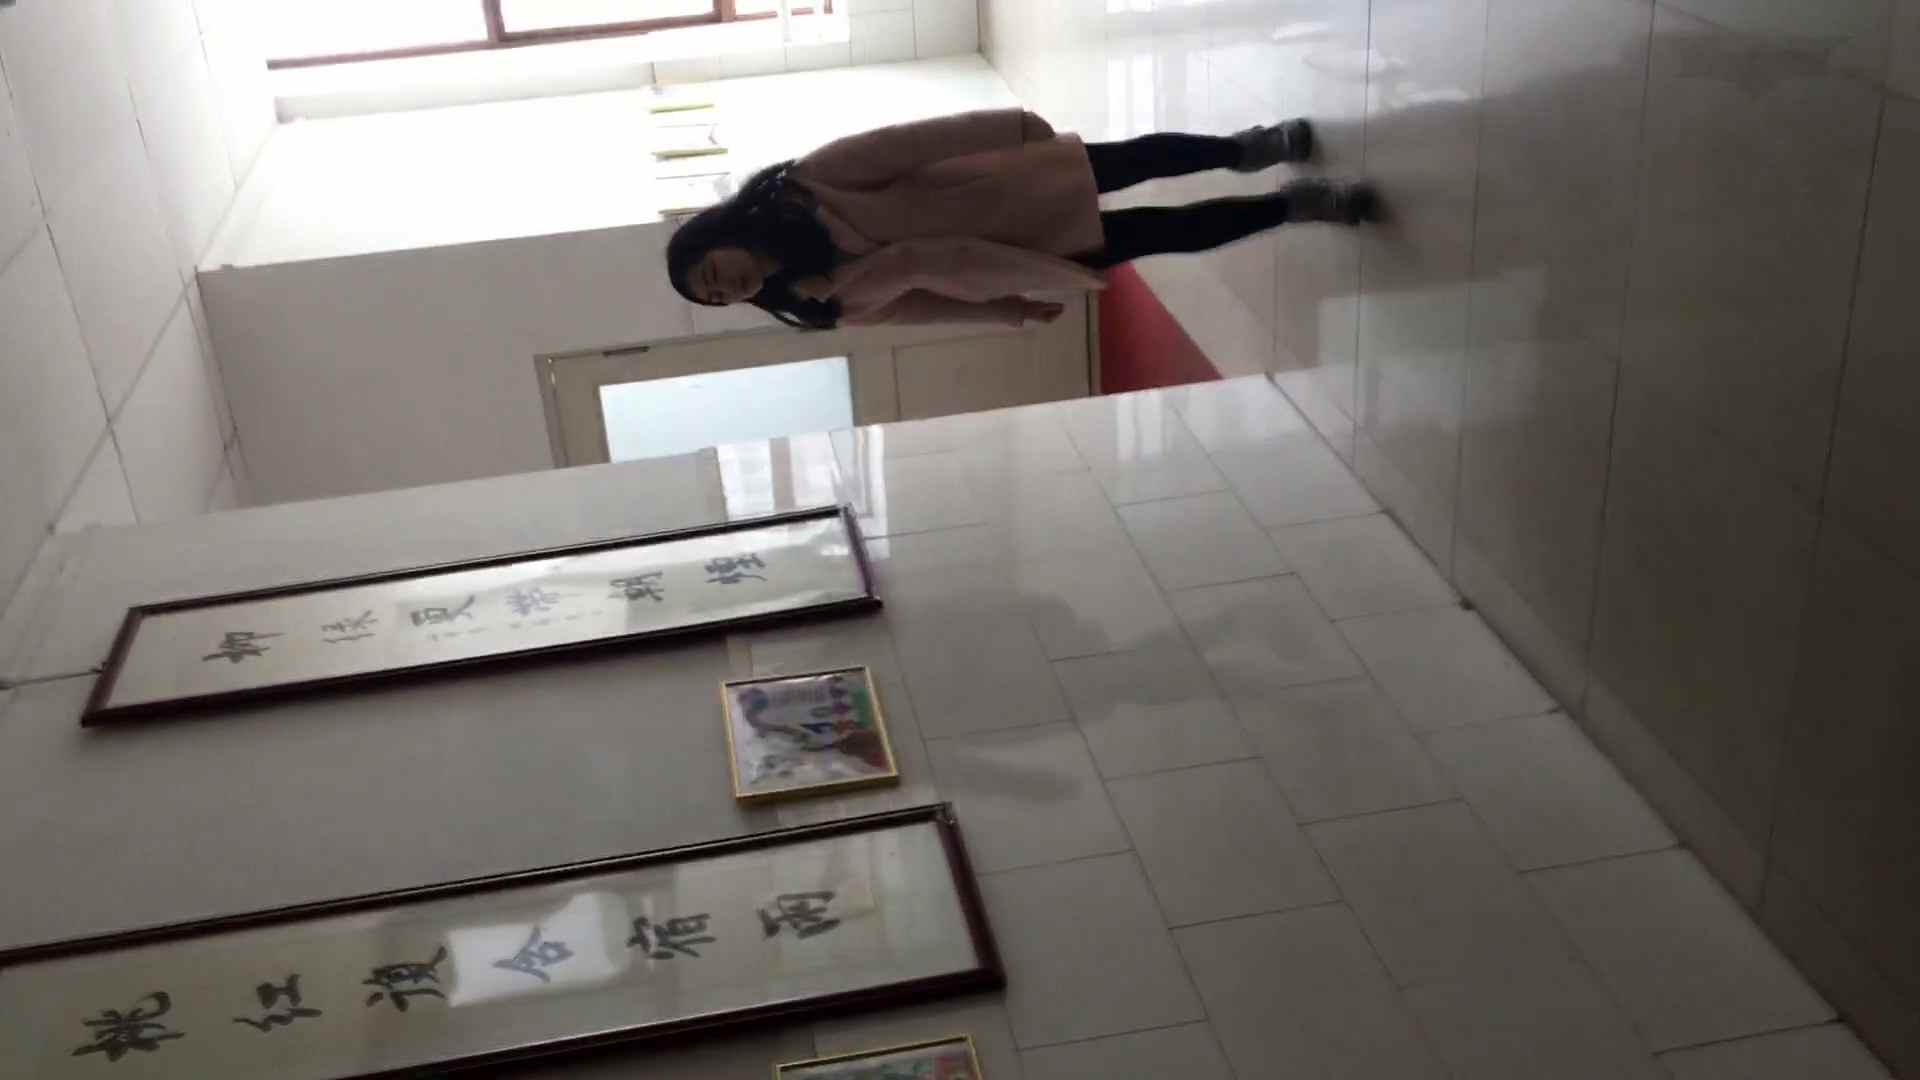 芸術大学ガチ潜入盗sati JD盗撮 美女の洗面所の秘密 Vol.95 盗撮   リアル・マンコ  68pic 22